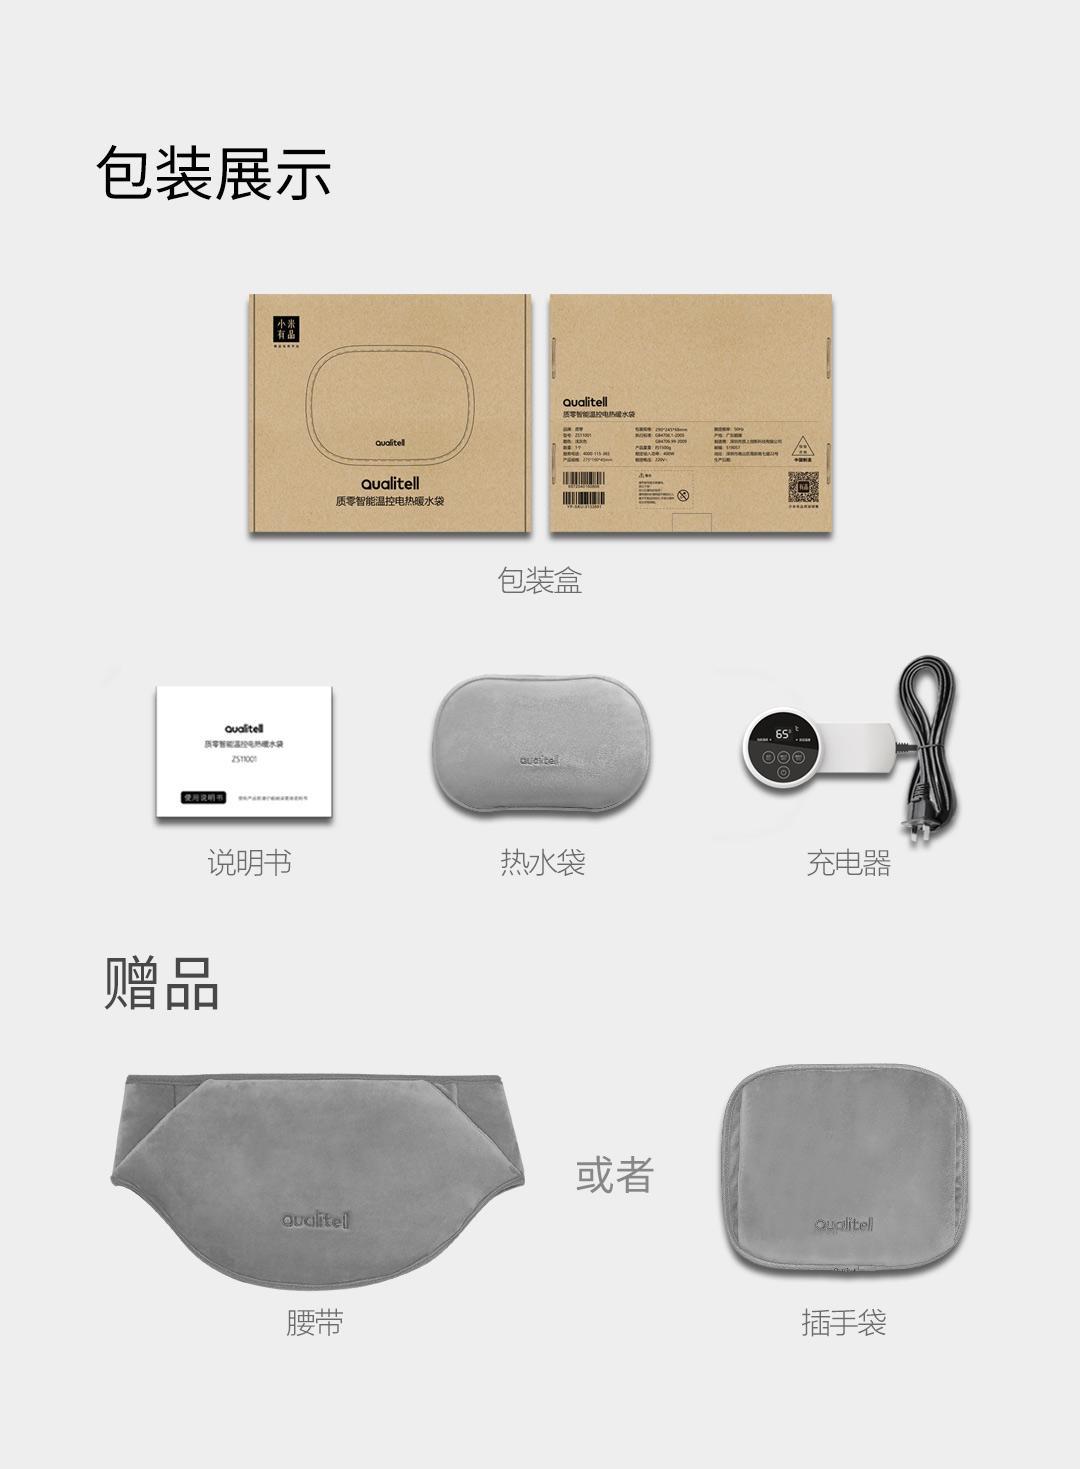 """小辣椒X50 Pro""""致敬""""vivo;有品开卖智能暖水袋"""